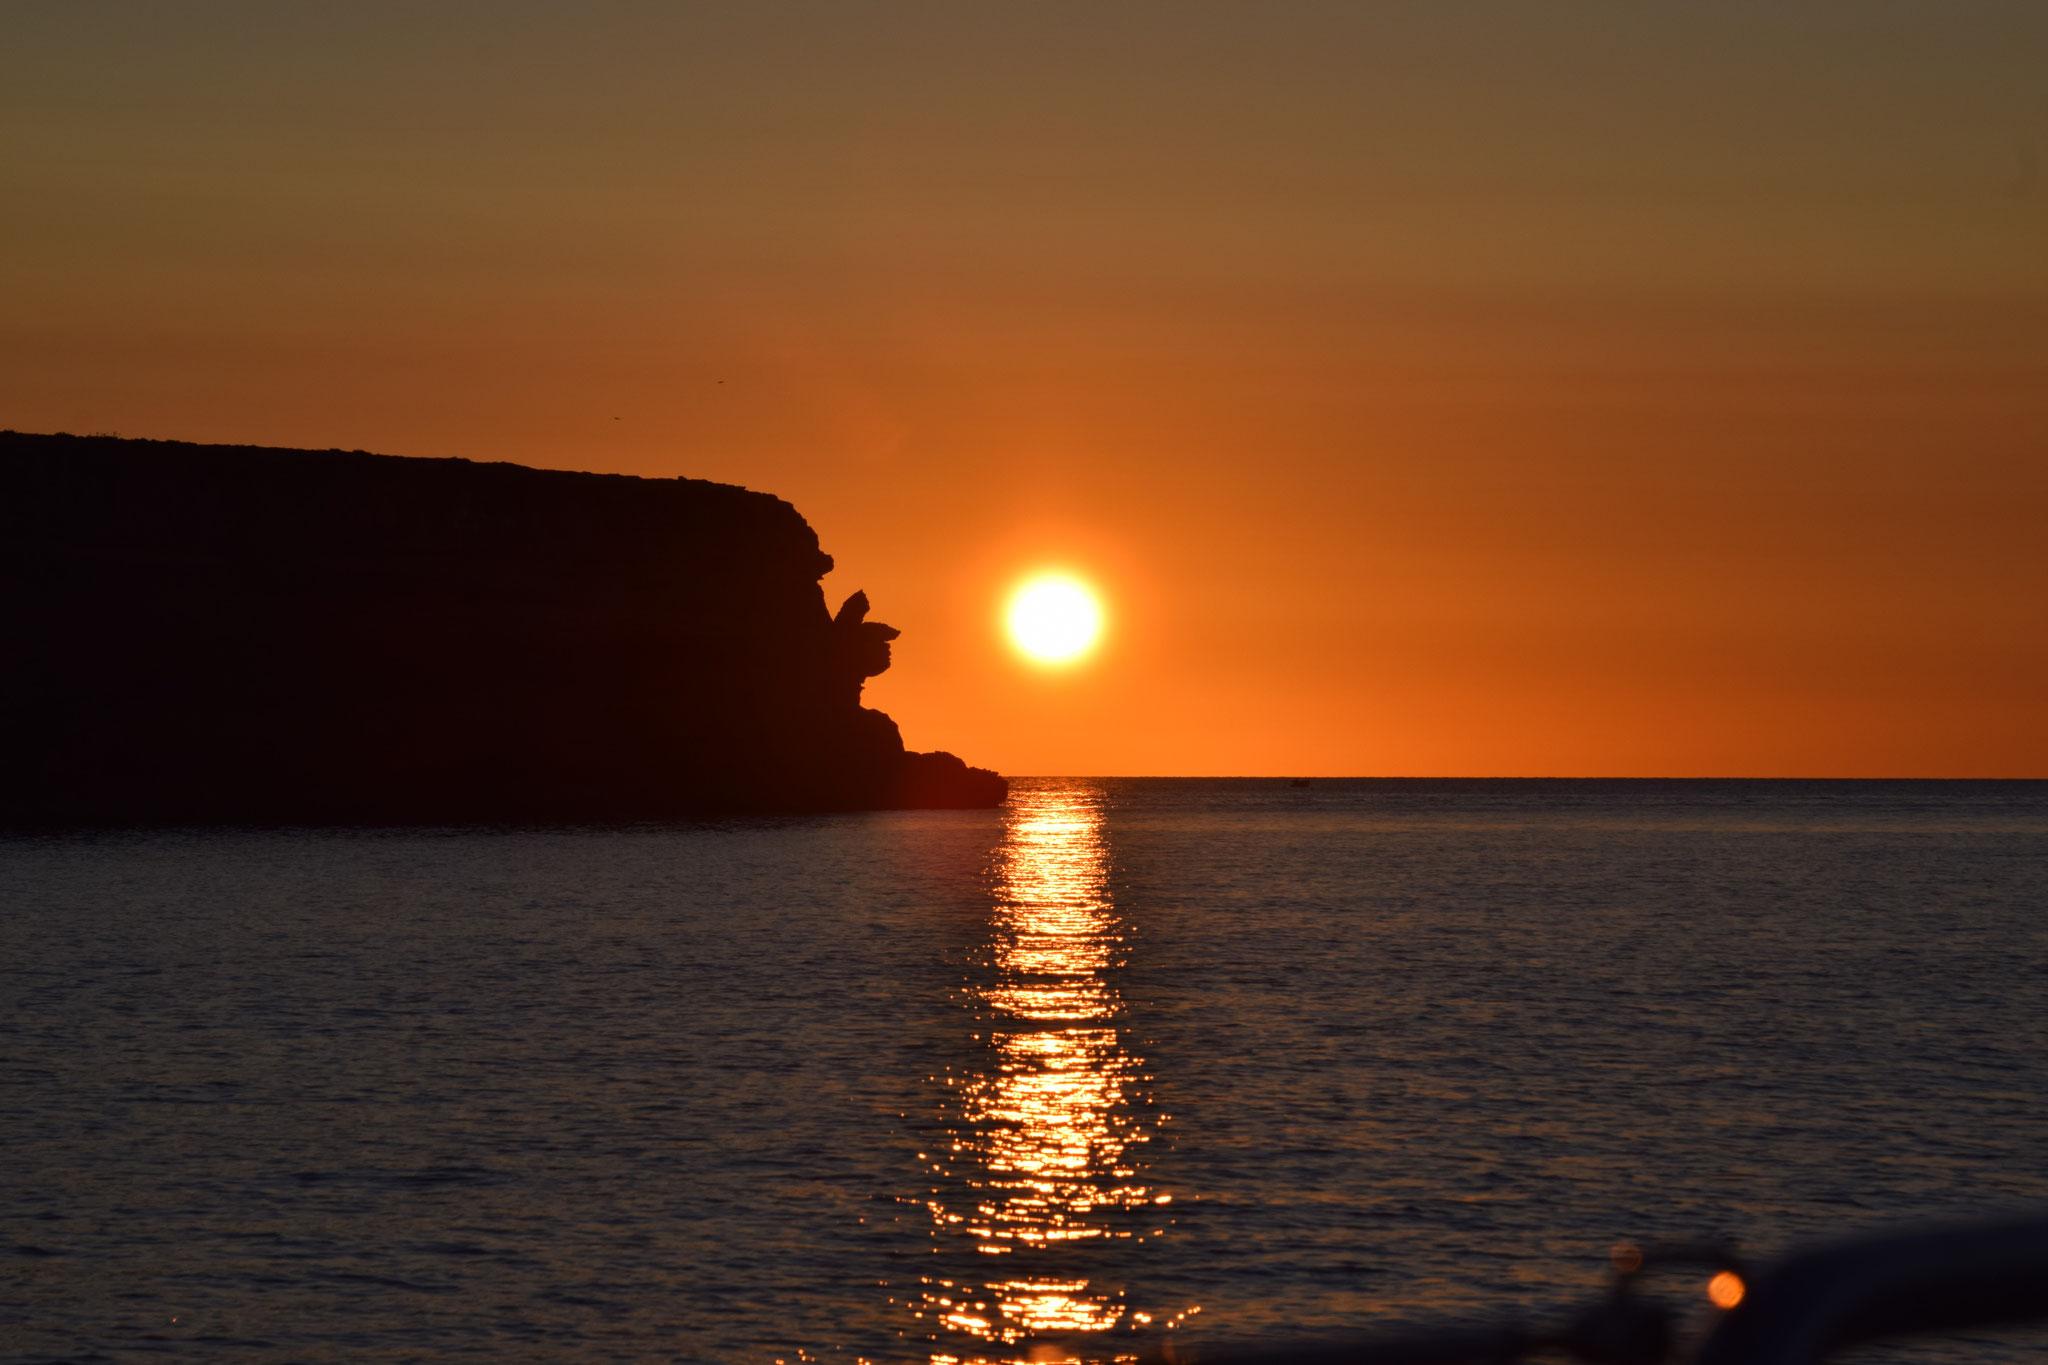 Ein schöner Sonnenuntergang auf der einen Seite,